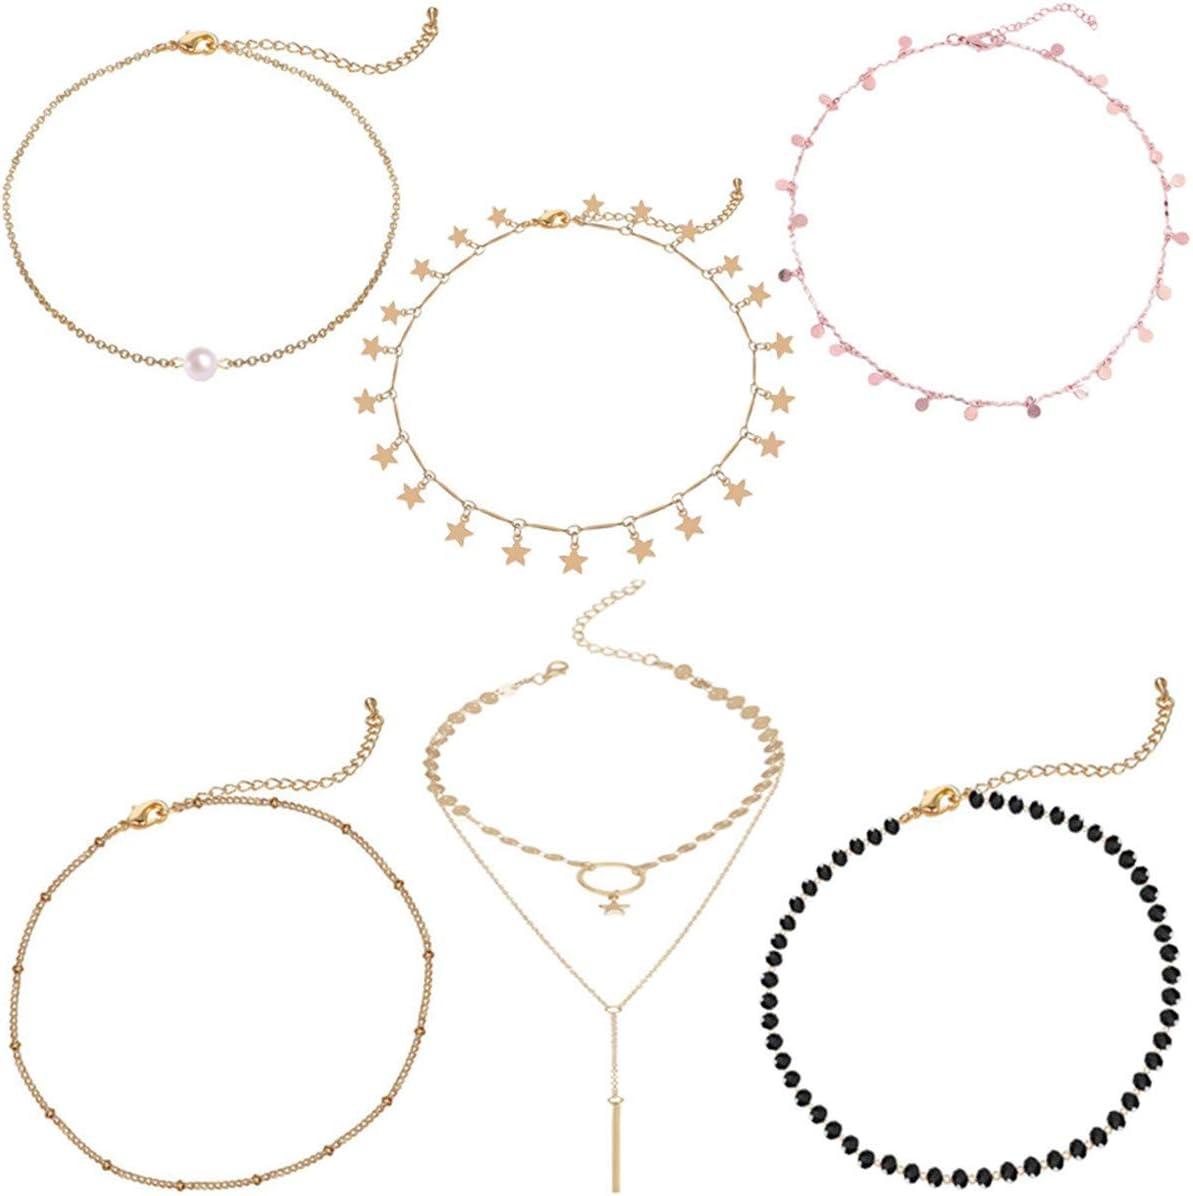 QAQGEAR 6Pcs Set Gargantilla de cadena de capas de oro Gargantilla ajustable en capas Collares llamativos con cristal negro perla Estrella Colgante delicado para mujeres Niñas Boda